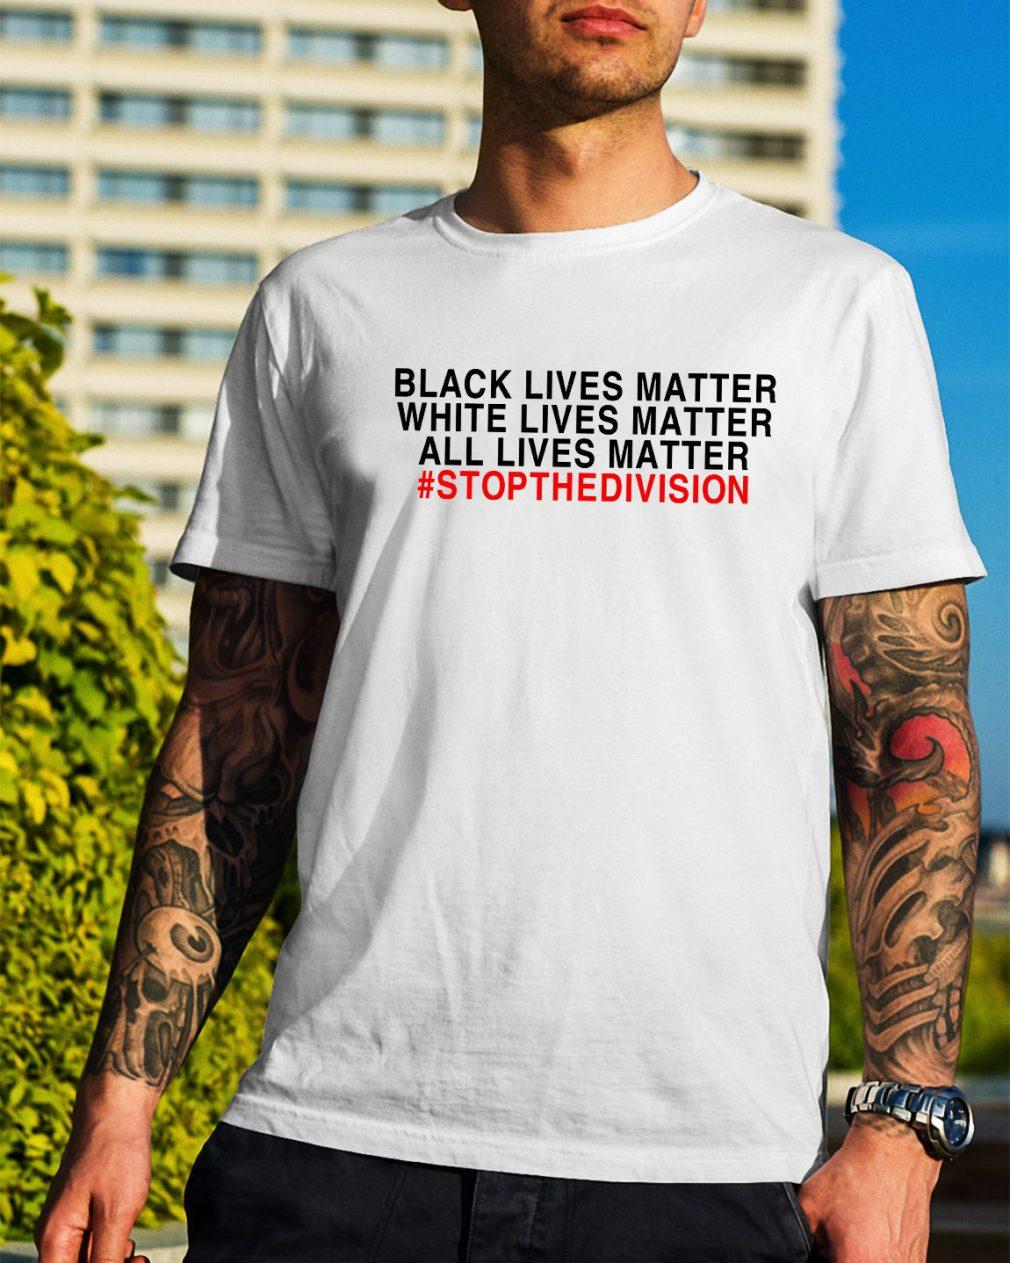 Black lives matter white lives matter all lives matter #stopthedivision shirt